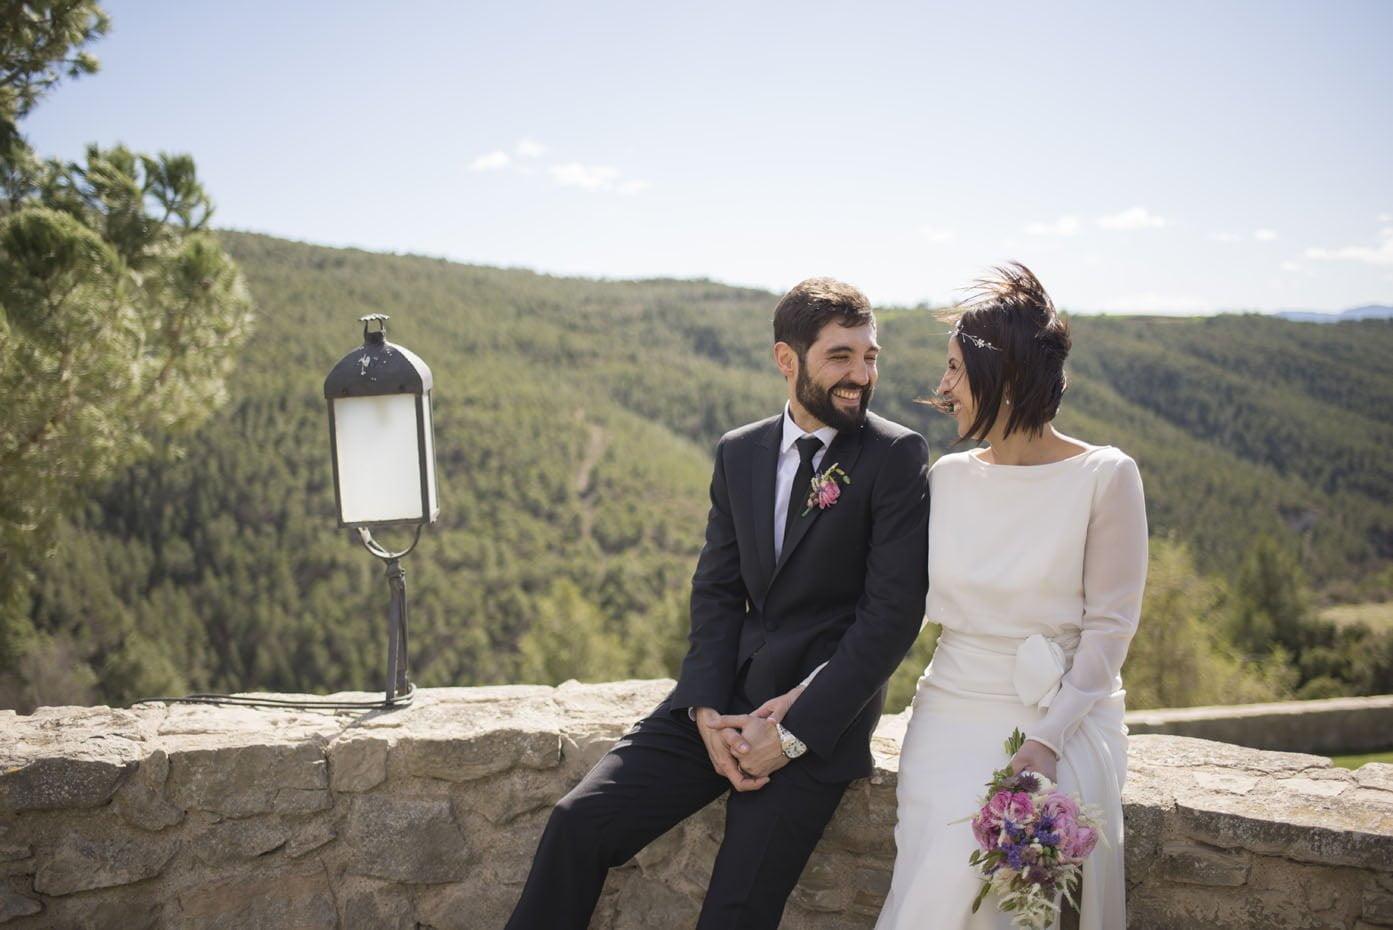 Casaments-ca-nalzina-espai-gastronomia6